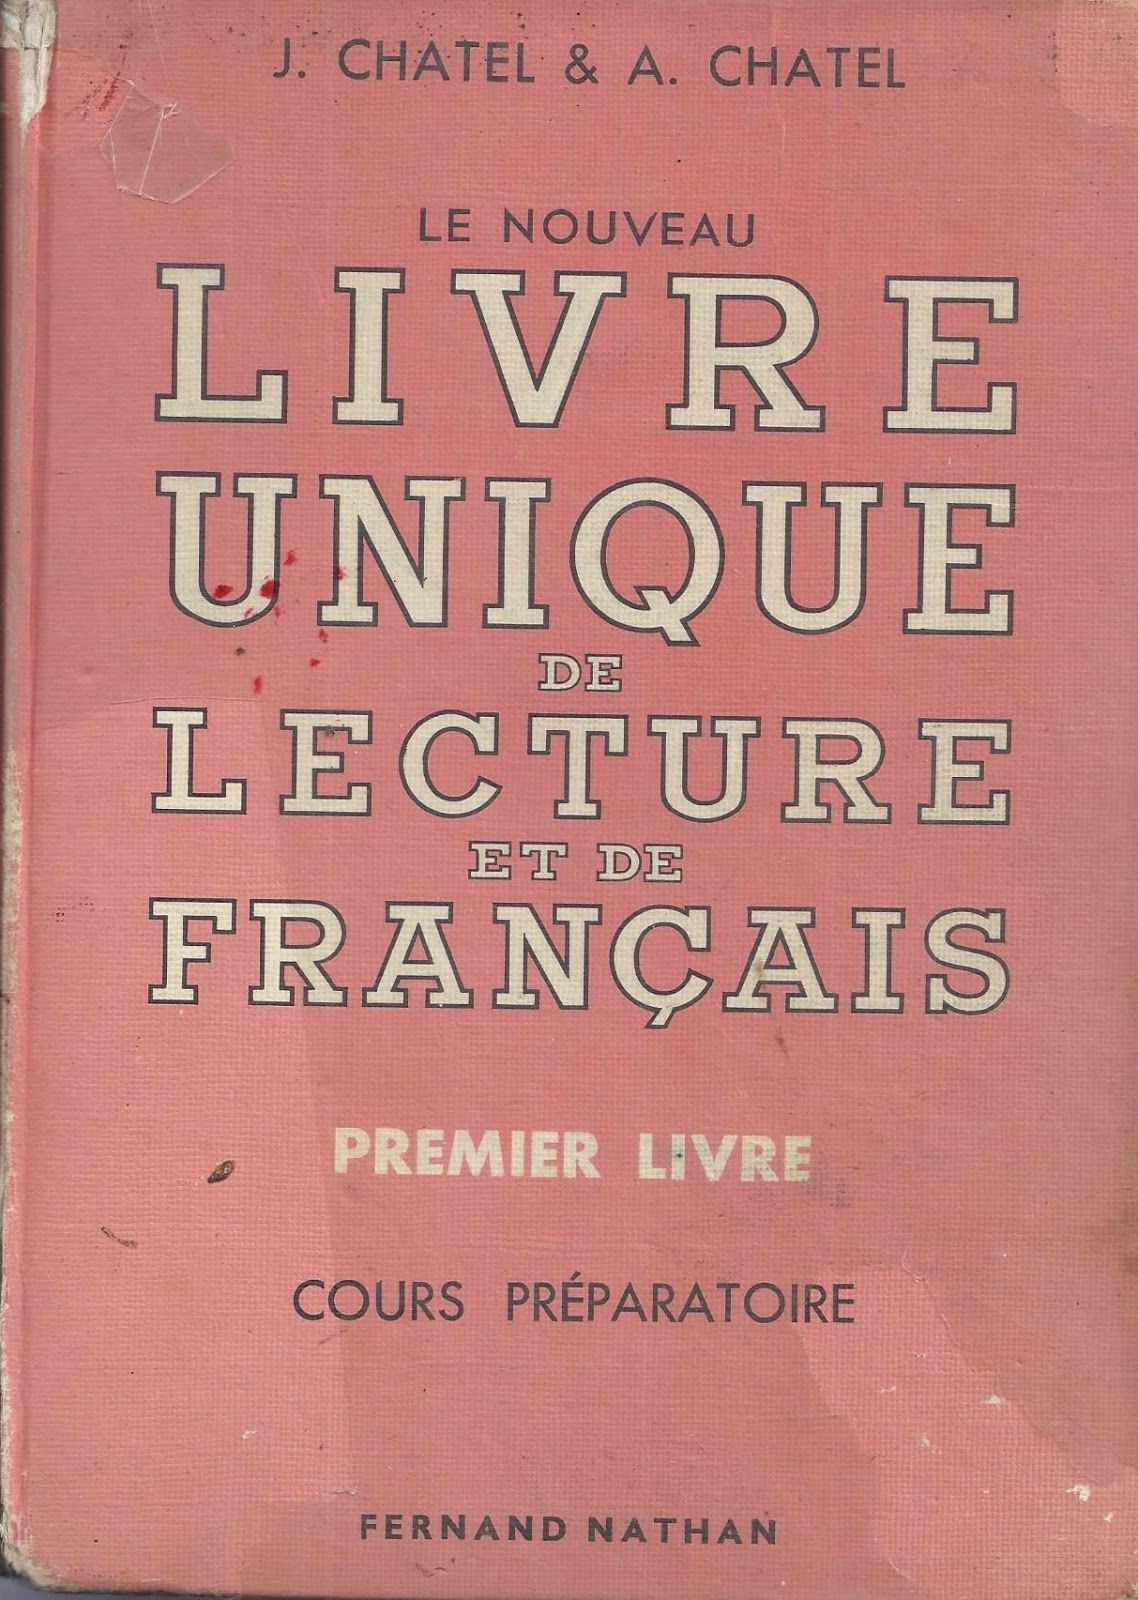 Chatel Le Nouveau Livre Unique De Lecture Et De Francais